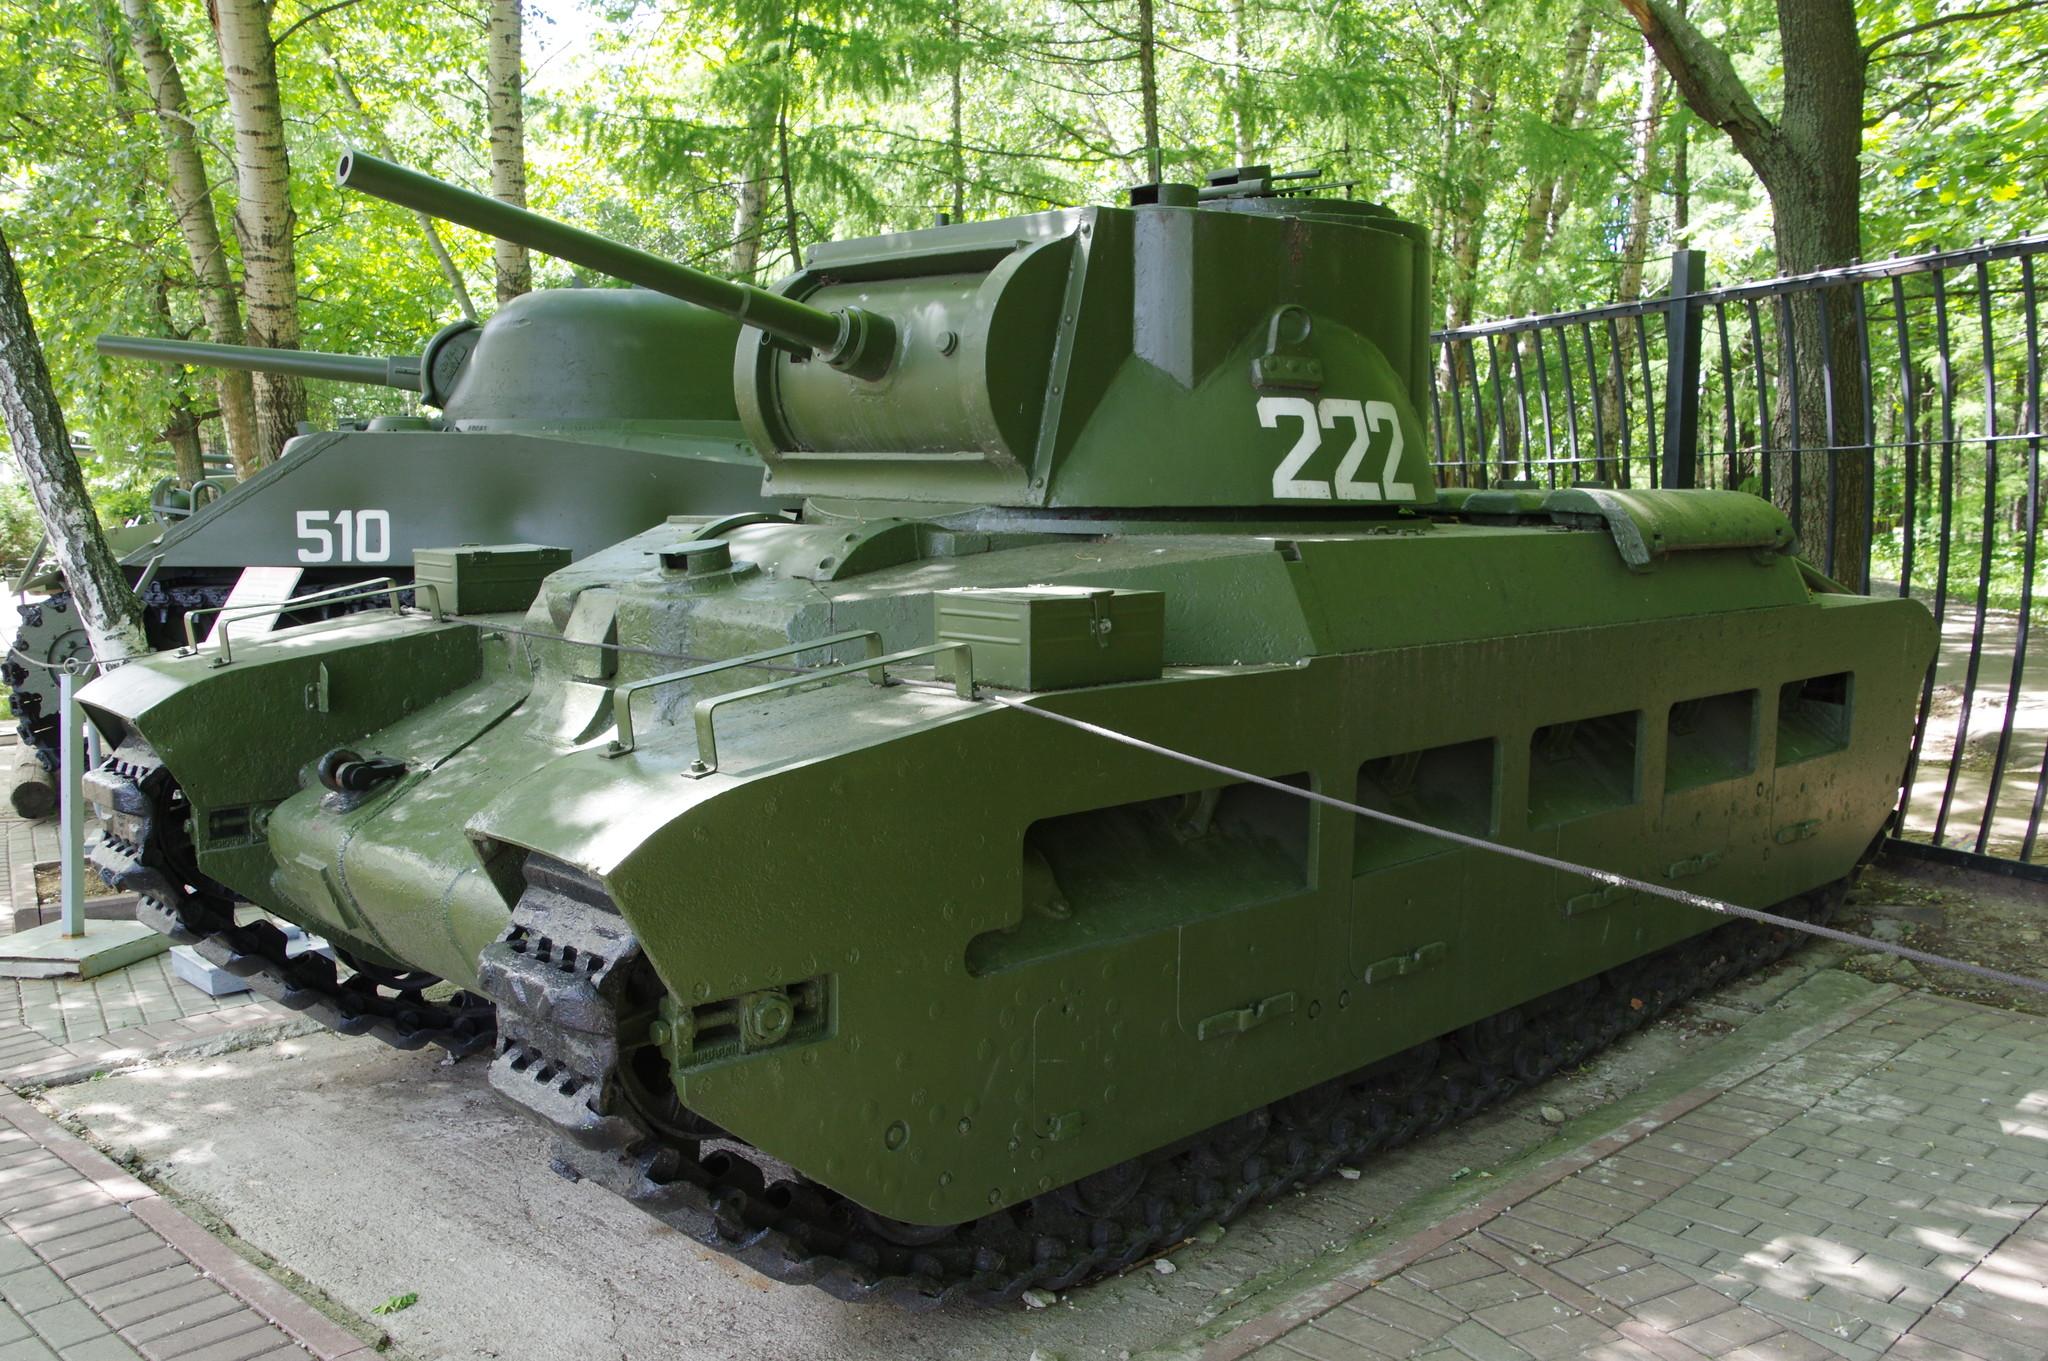 Пехотный (средний) танк «Матильда IV» (Matilda IV) (Великобритания)